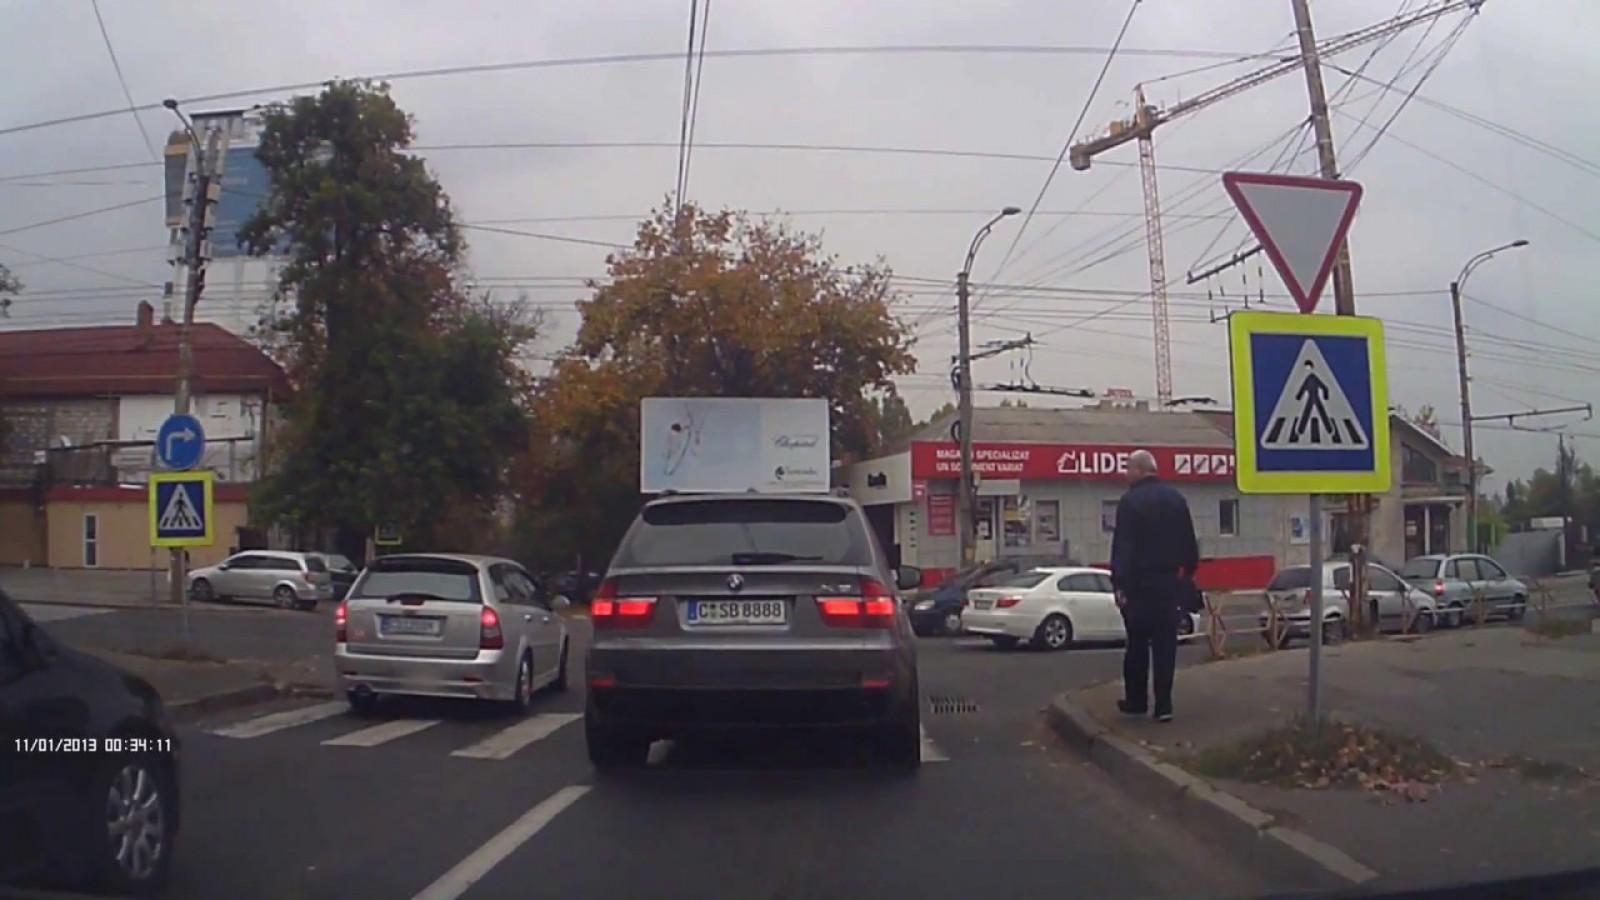 (foto) Rezoluţie absurdă a INP. Motivul pentru care doi şoferi nu pot fi sancţionaţi pentru încălcări evidente